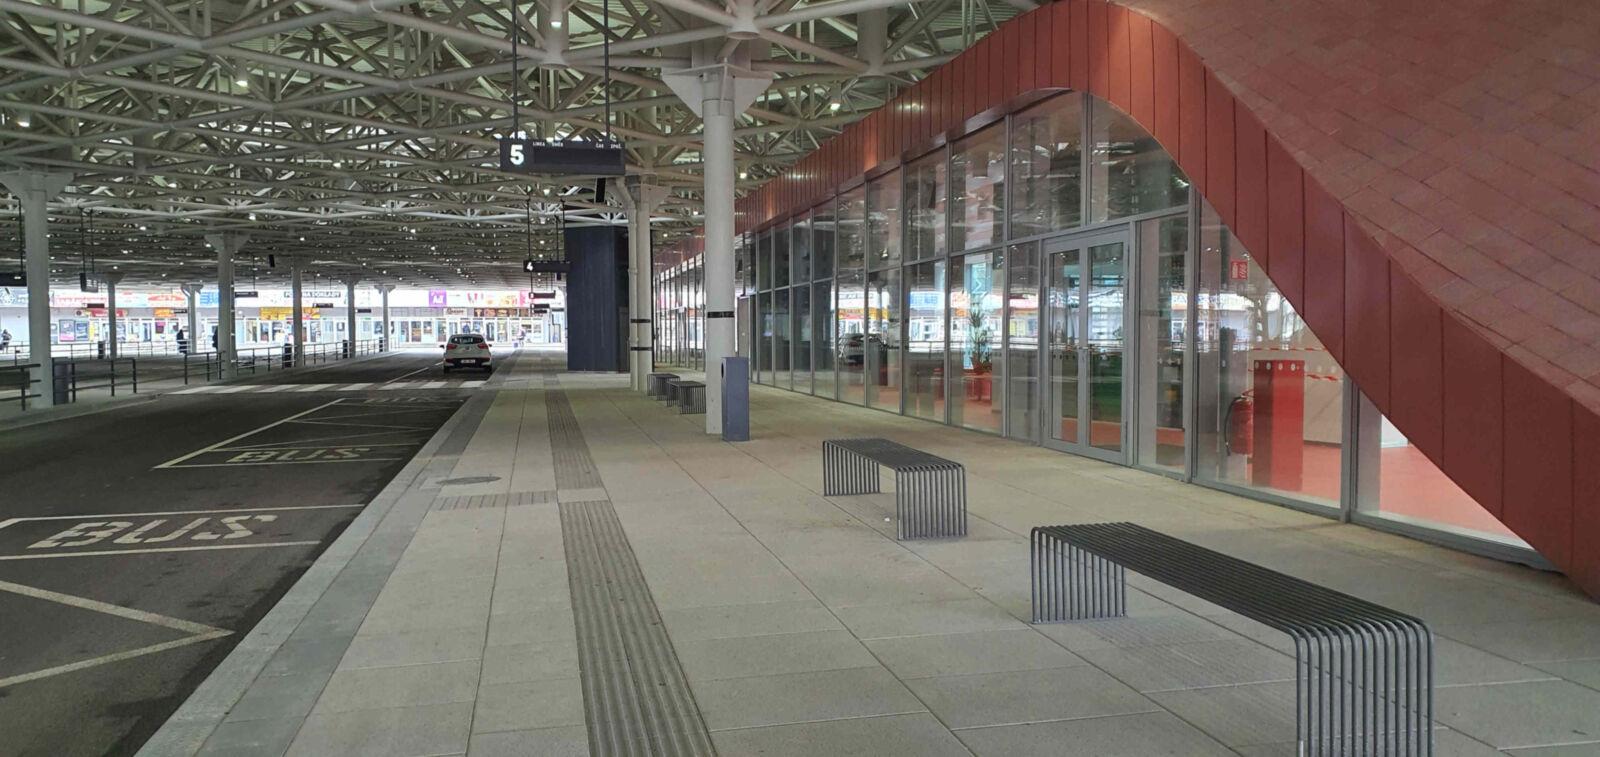 Čekárna na autobusovém nádraží Zvonařka v Brně